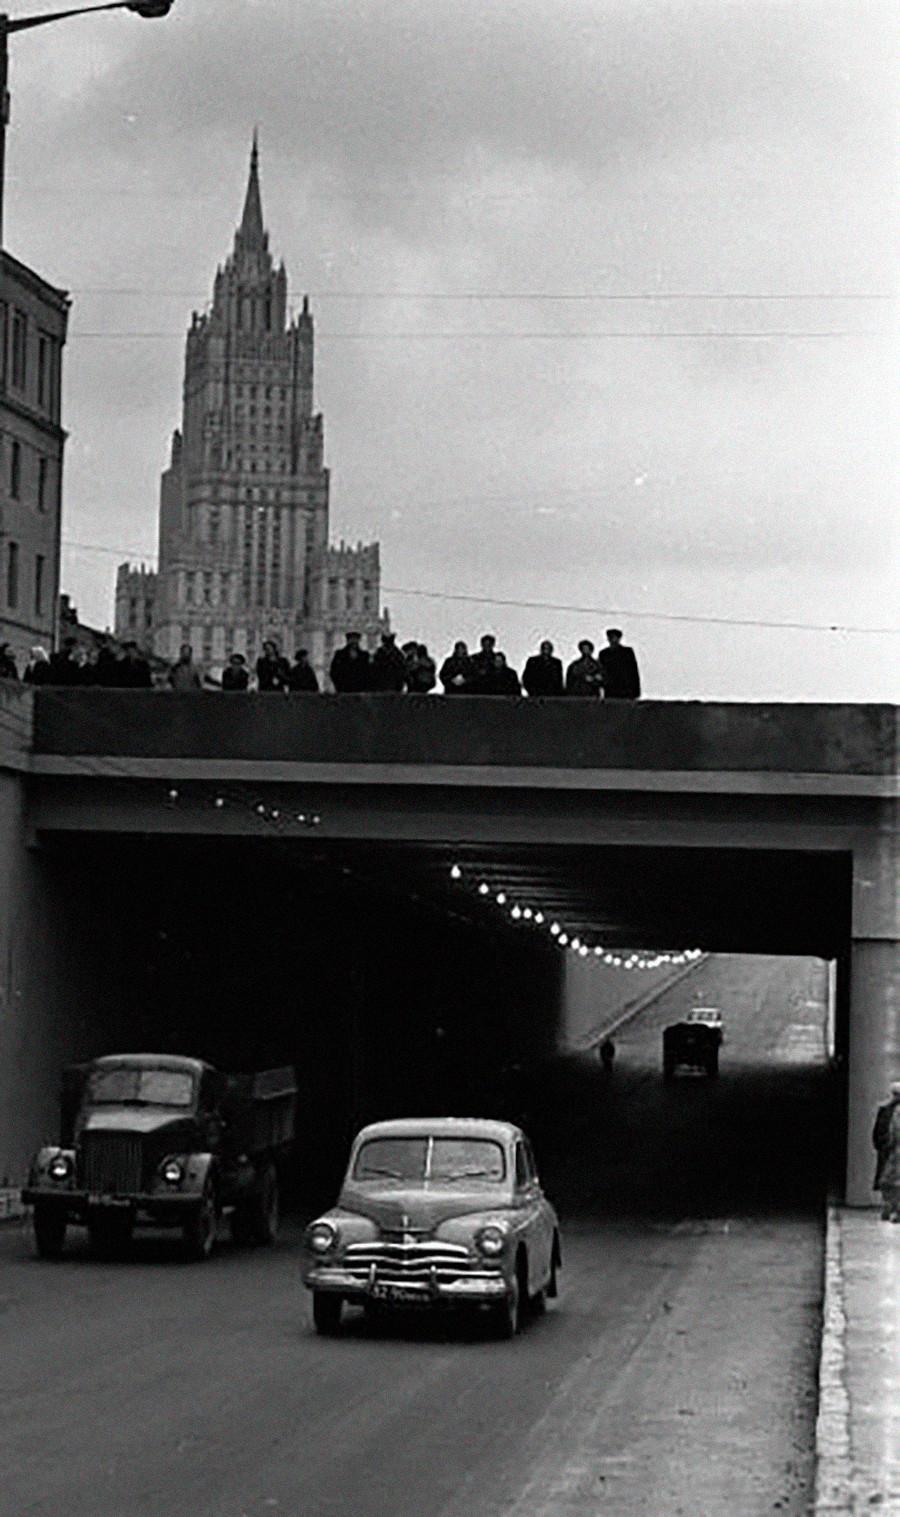 """Il traffico automobilistico di Mosca aumentava e c'era bisogno di nuove infrastrutture stradali. Ecco un tunnel sulla circonvallazione dei Giardini (sadóvoe koltsó). Sullo sfondo c'è uno dei grattacieli detti le """"Sette sorelle"""" di Stalin: quello del Ministero degli Affari Esteri"""